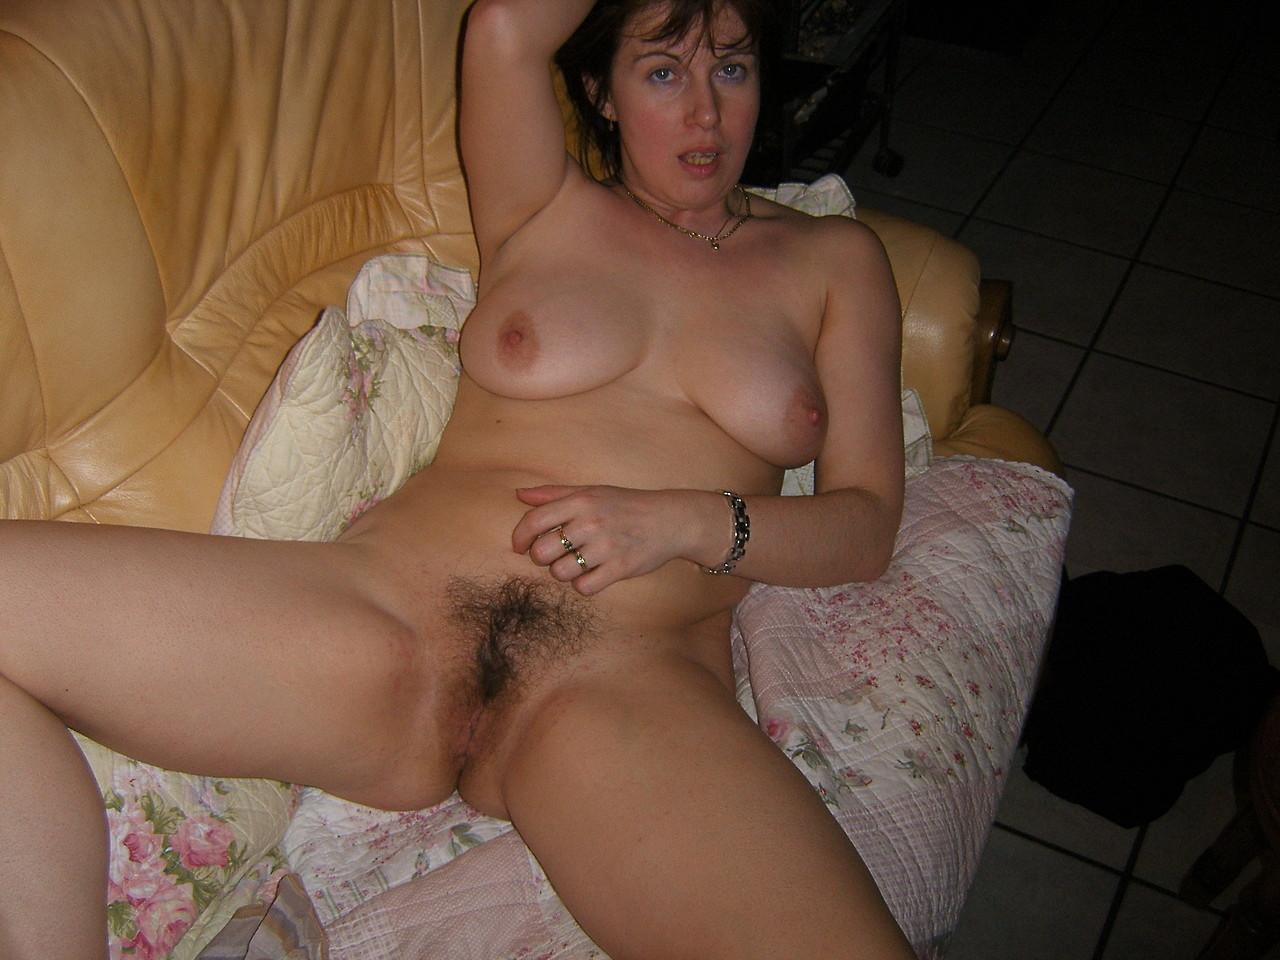 Фото голых Сексуальные фото девушек и Эротика бесплатно